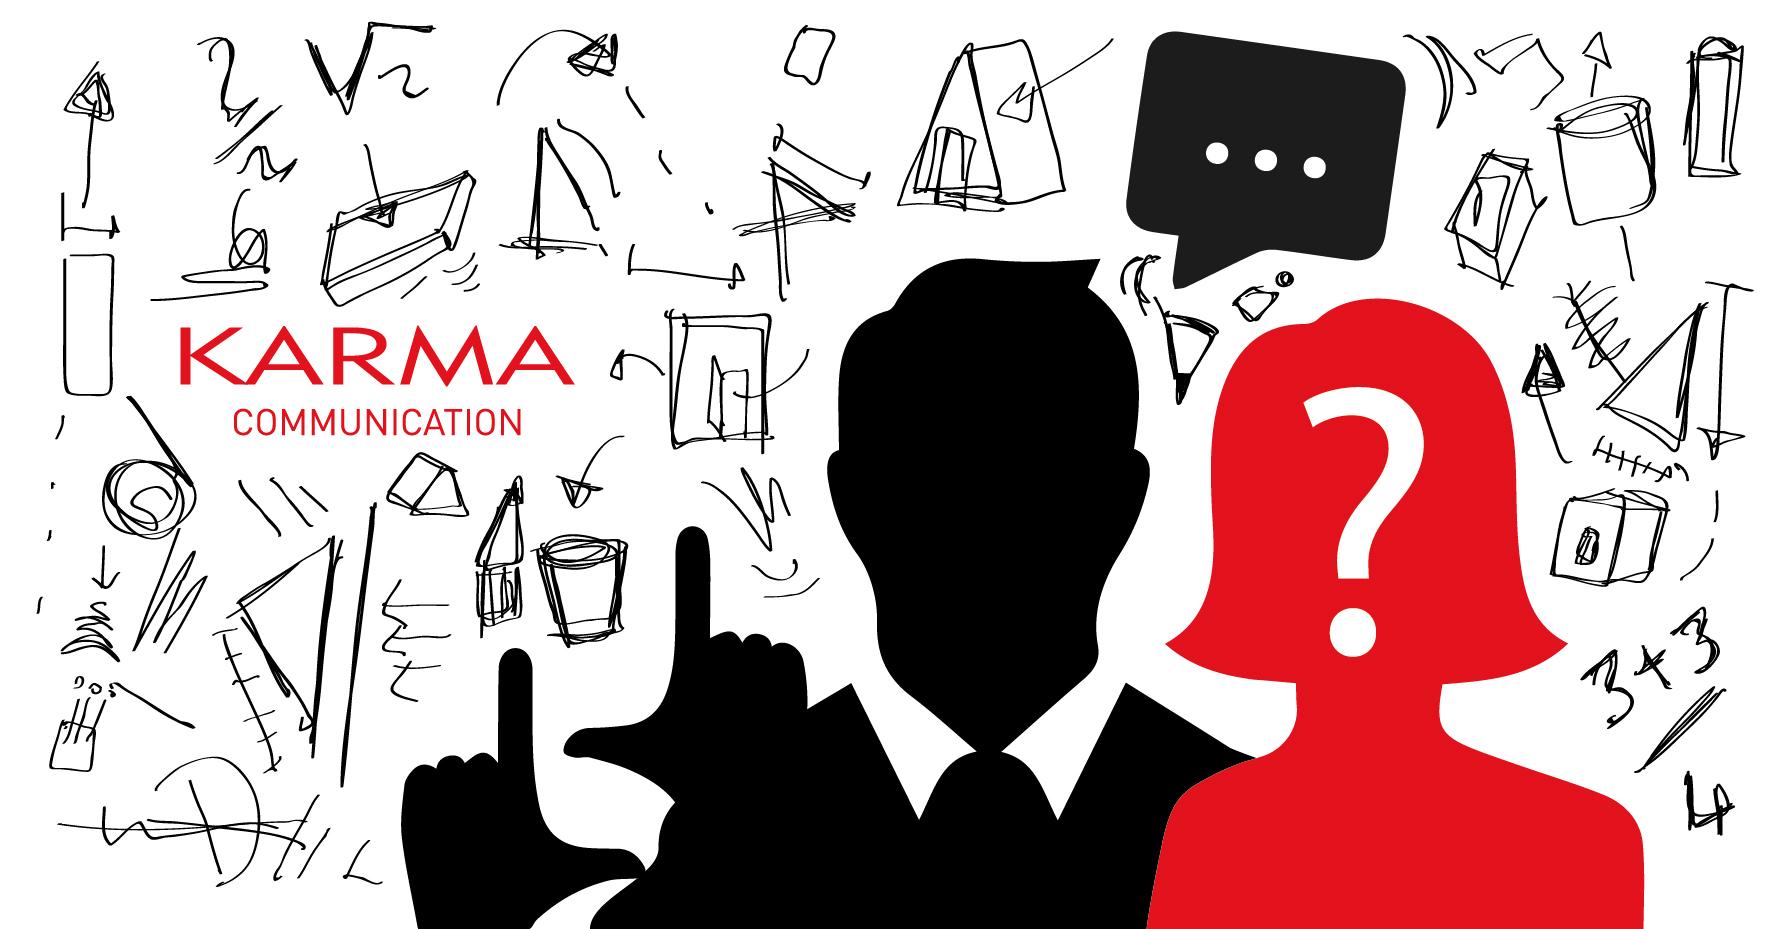 Karma Communication - Il progetto immaginato